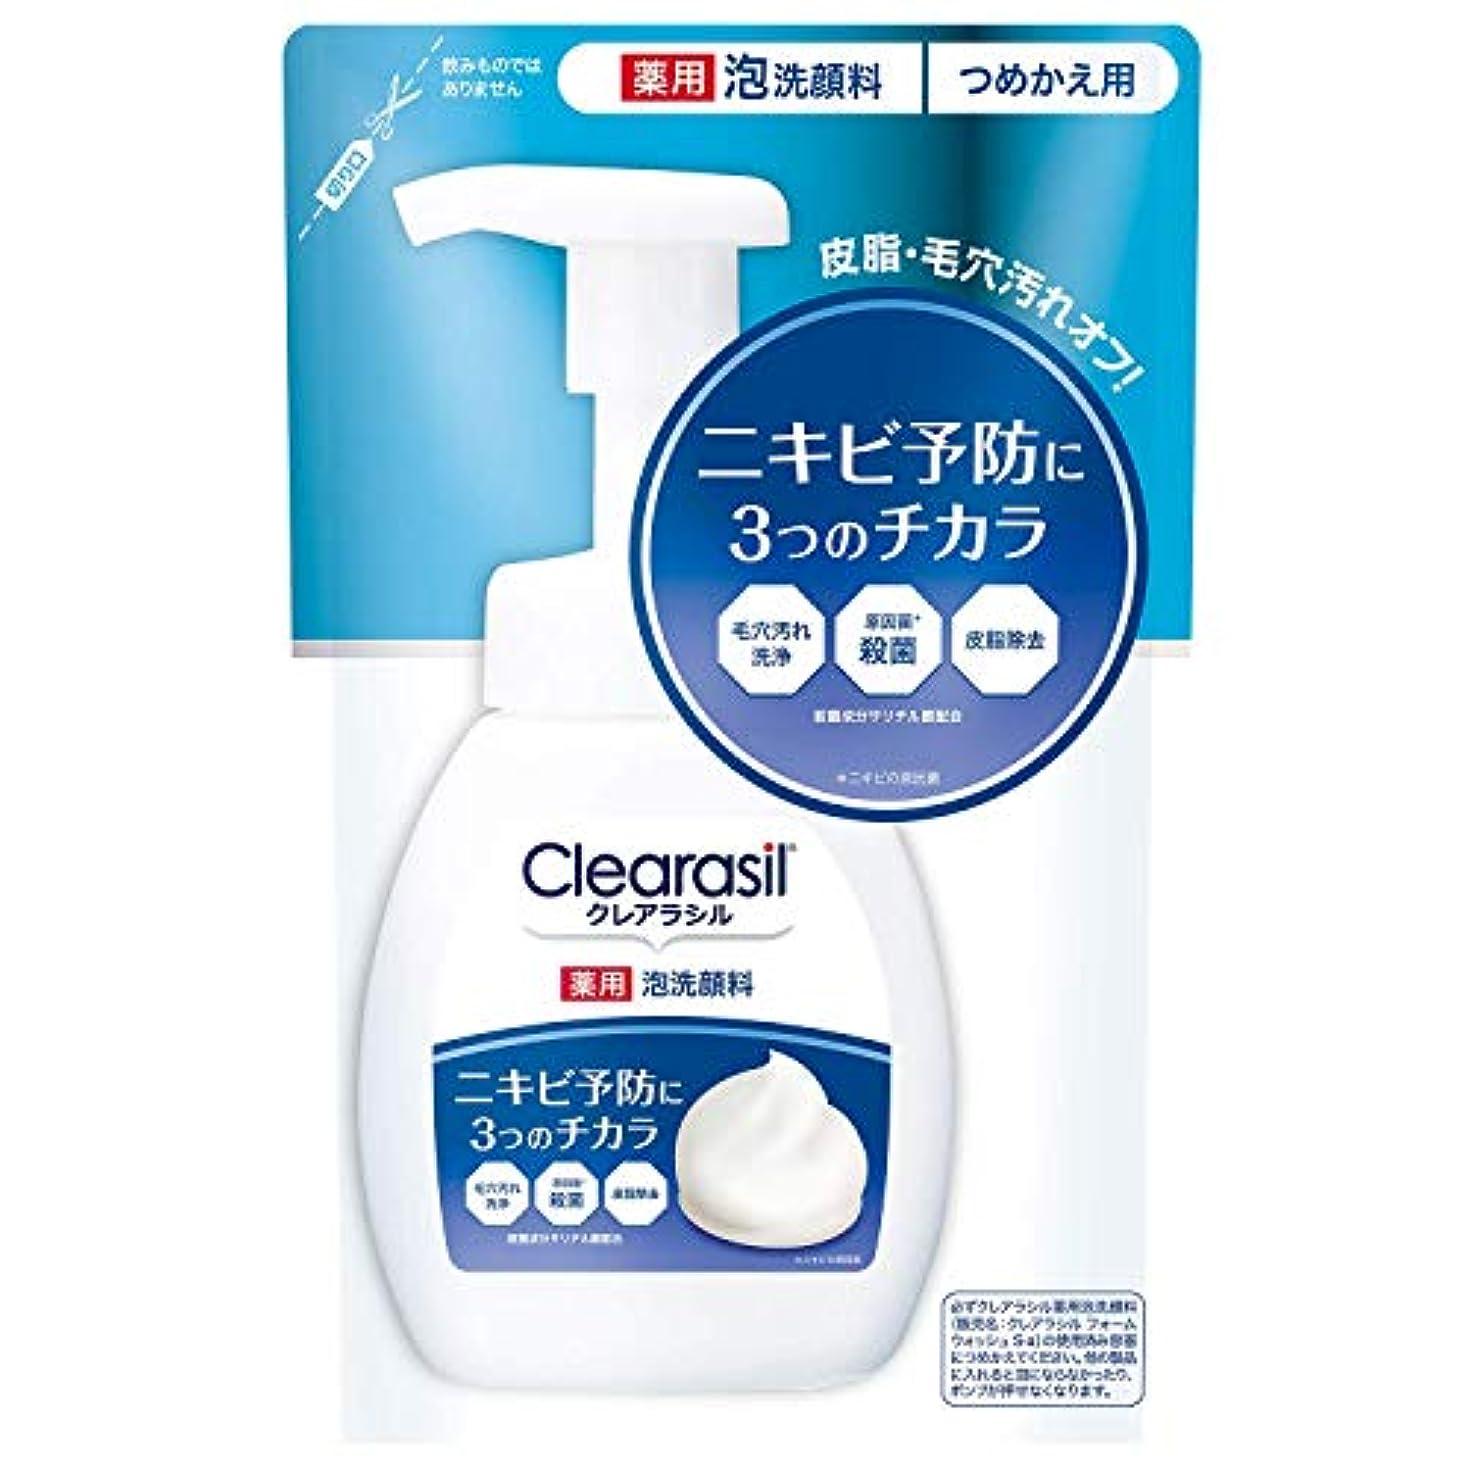 ロボット彼らのもの抑圧するクレアラシル 薬用泡洗顔フォーム10X 180ml ×2セット